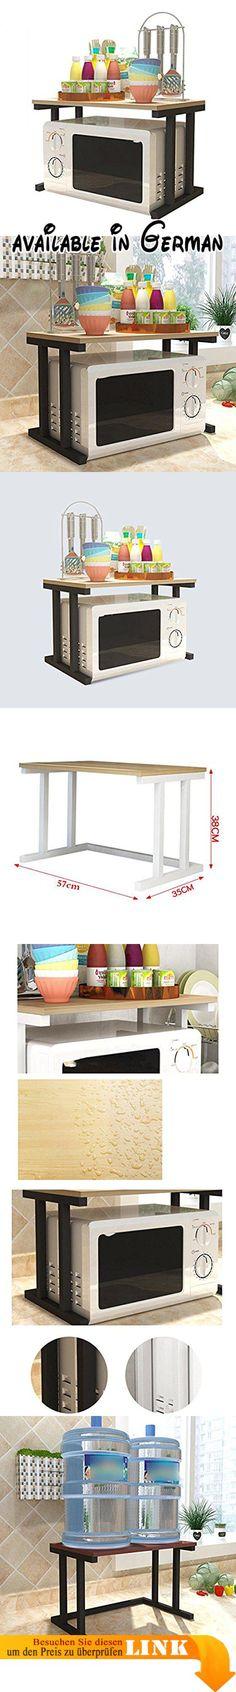 B078HQQT32  VICCO KÜCHE 295 CM KÜCHENZEILE KÜCHENBLOCK - küchenblock 260 cm